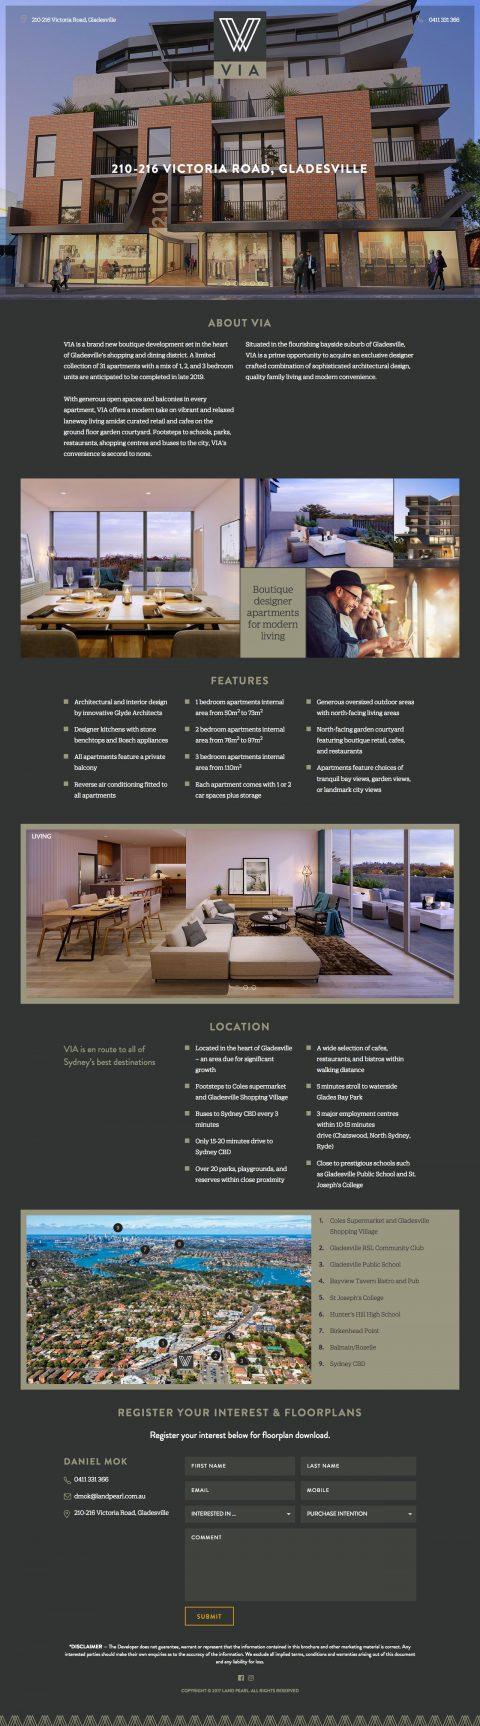 VIA Gladesville website homepage